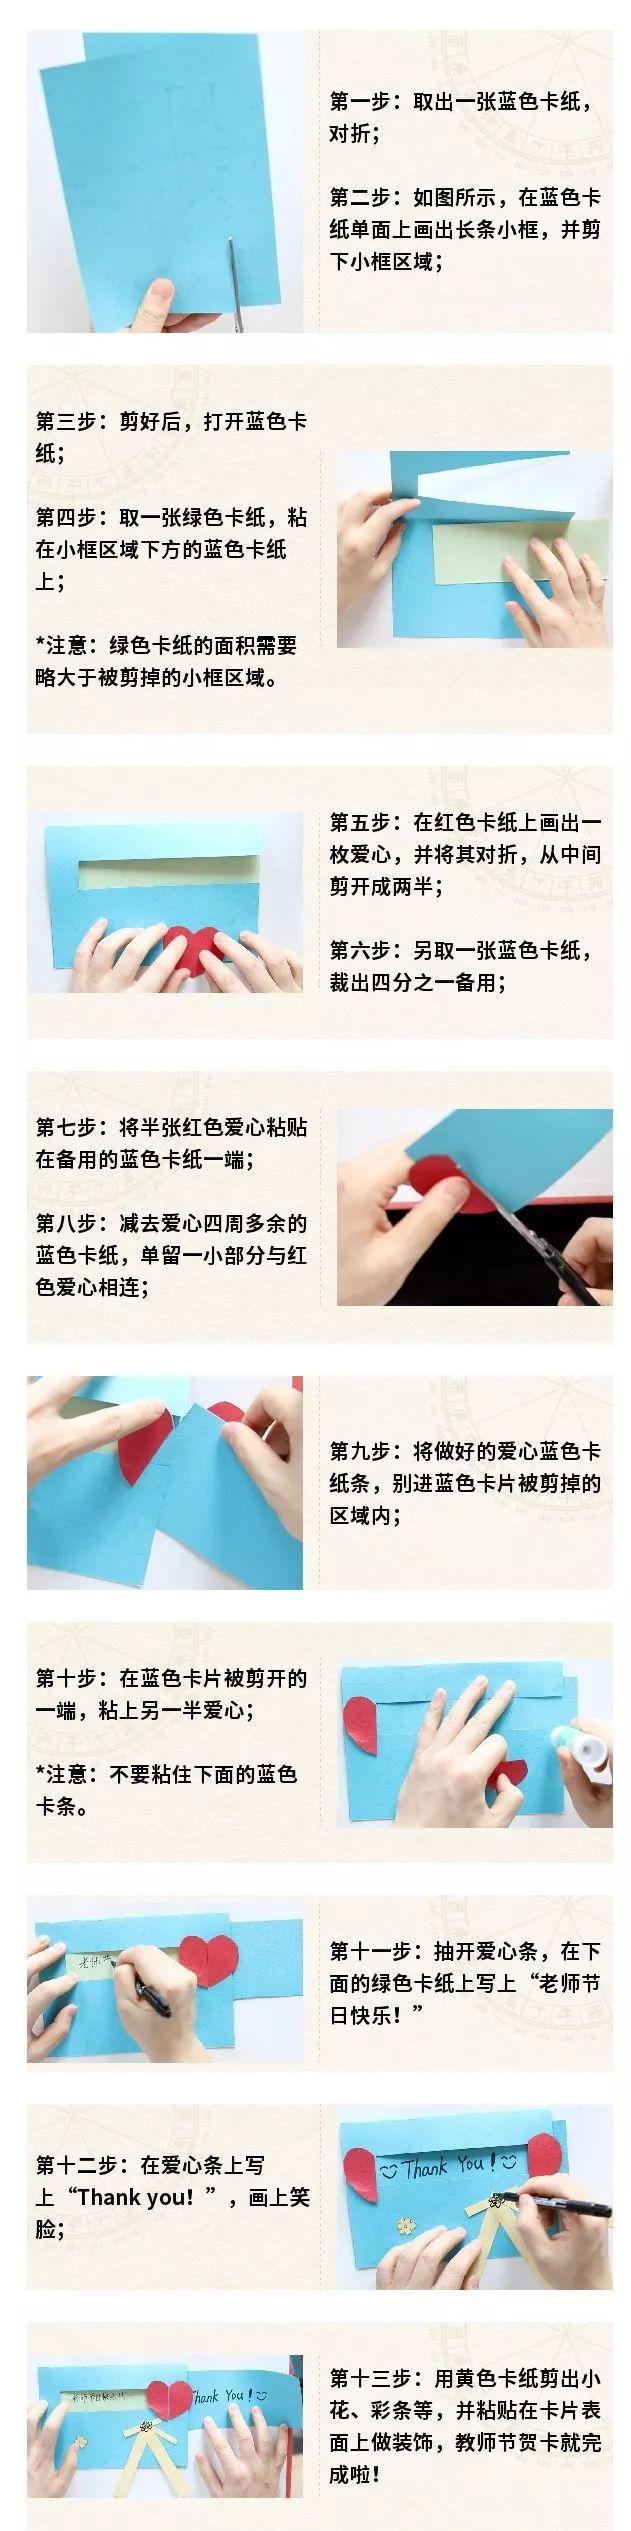 送教师的手工贺卡制作步骤图解